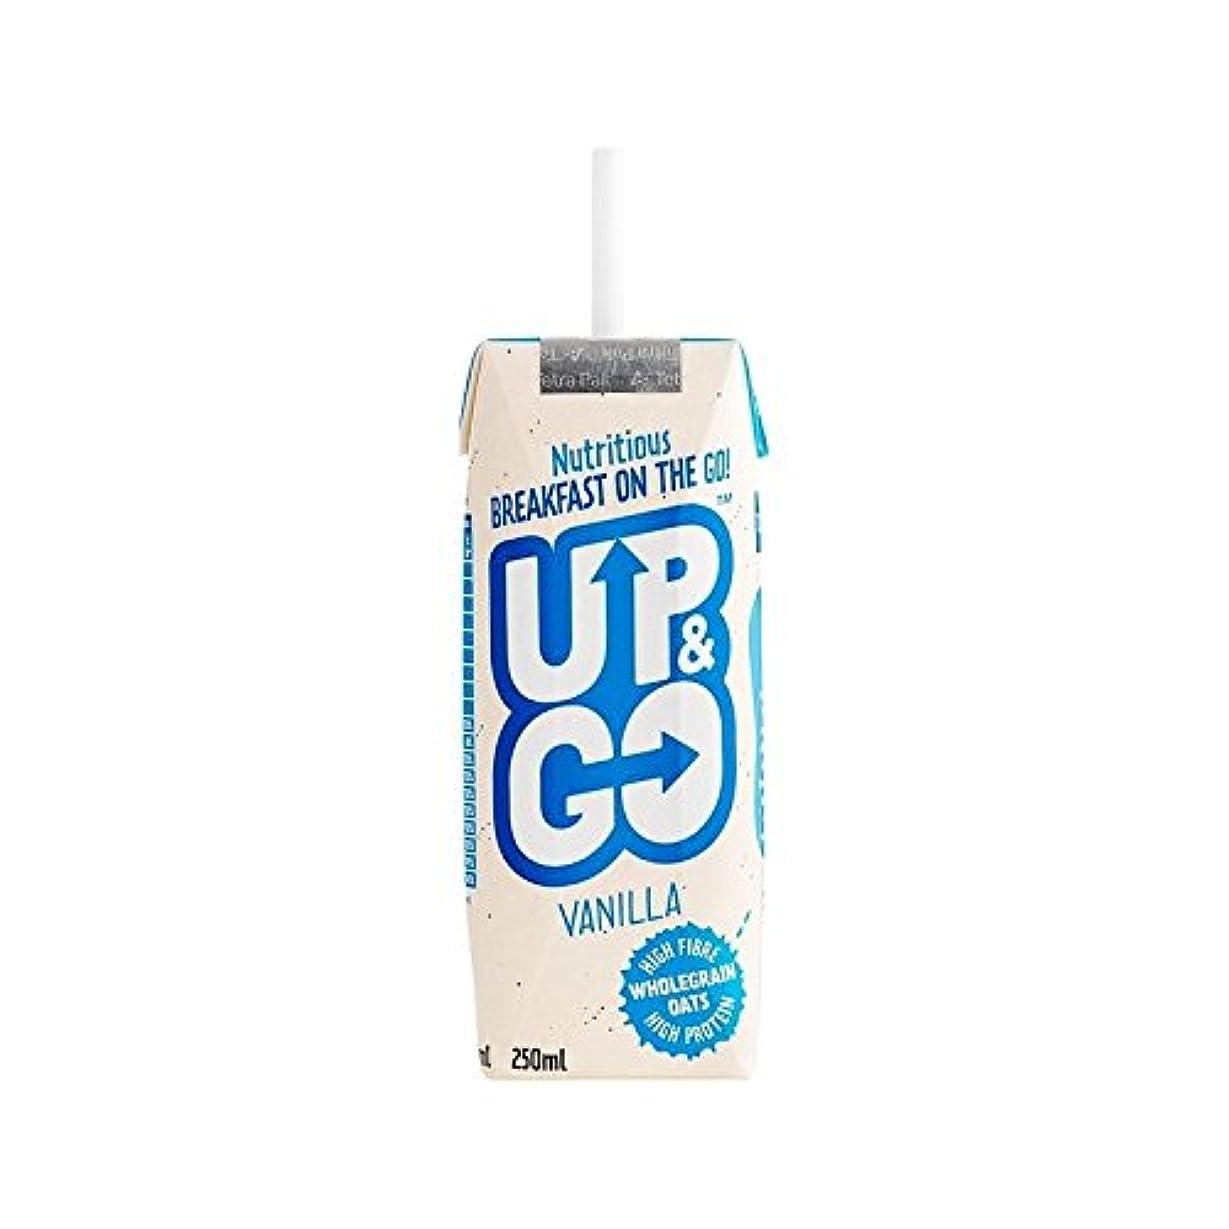 神社剃るシュリンクオート麦の250ミリリットルとバニラ朝食ドリンク (Up&Go) (x 4) - Up&Go Vanilla Breakfast Drink with Oats 250ml (Pack of 4) [並行輸入品]